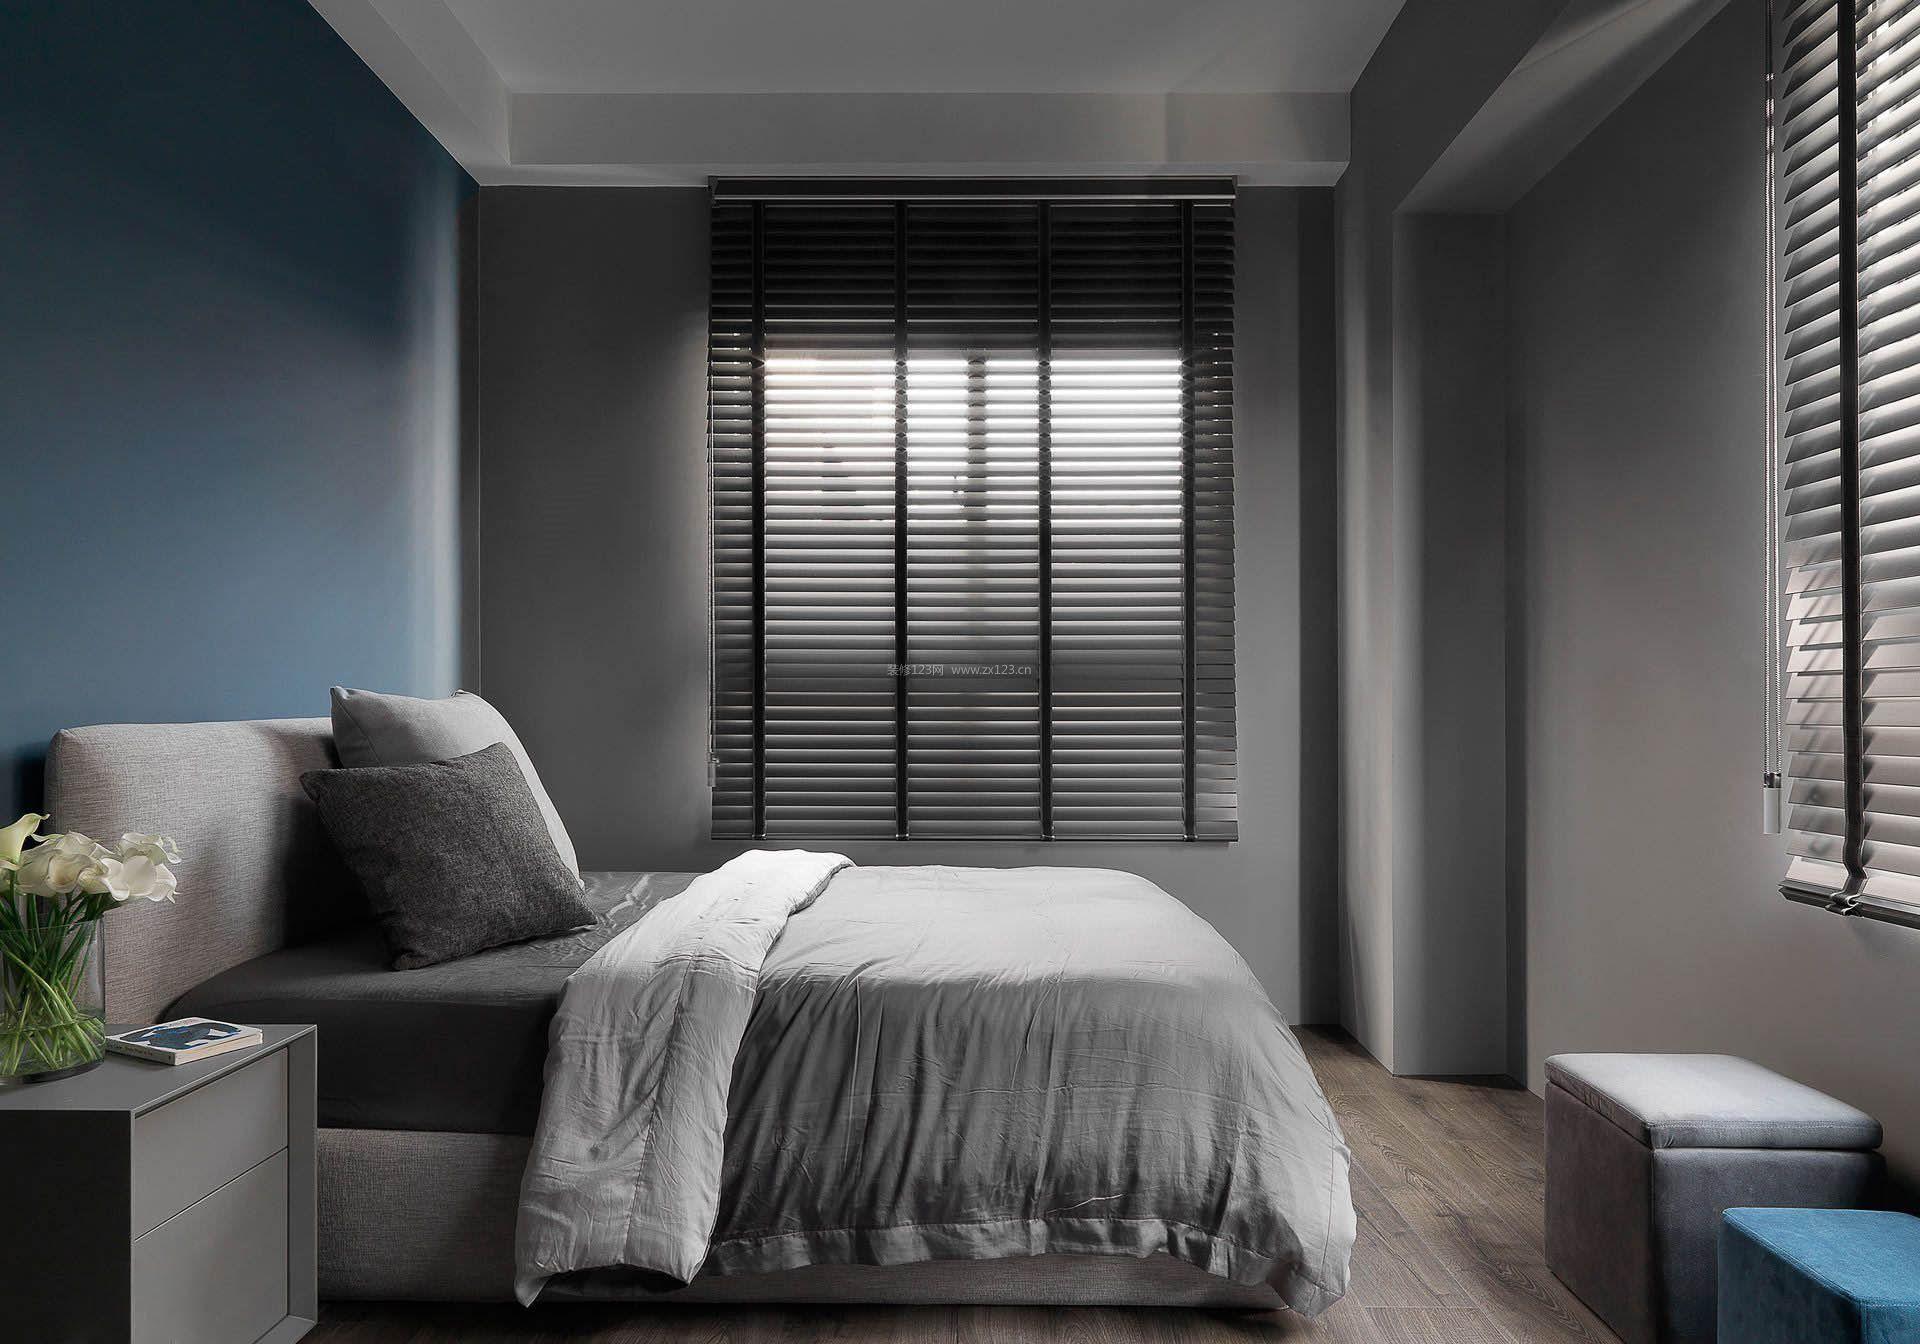 2017单身公寓黑白灰卧室装饰设计效果图